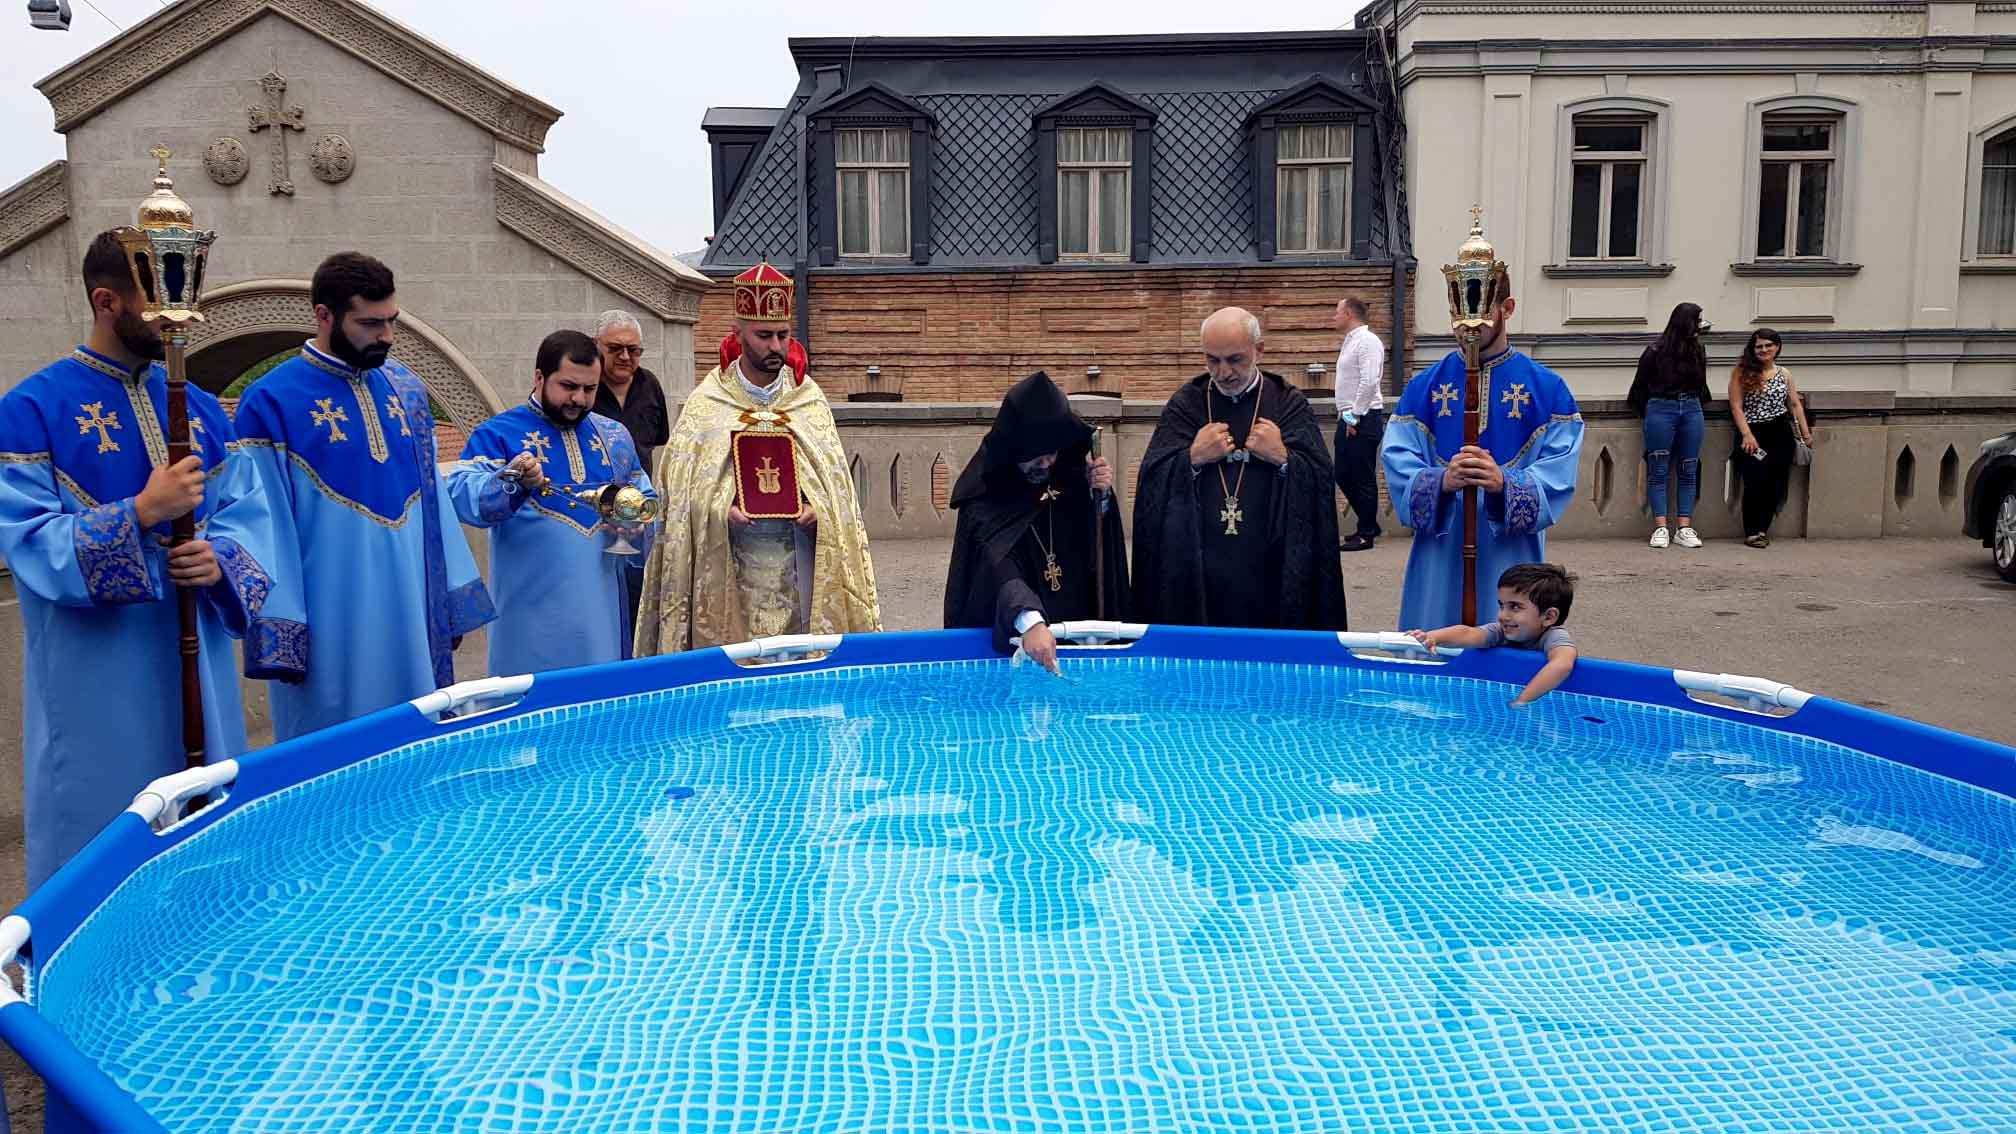 Праздник Преображения Господня в епархии ААЦ в Грузии